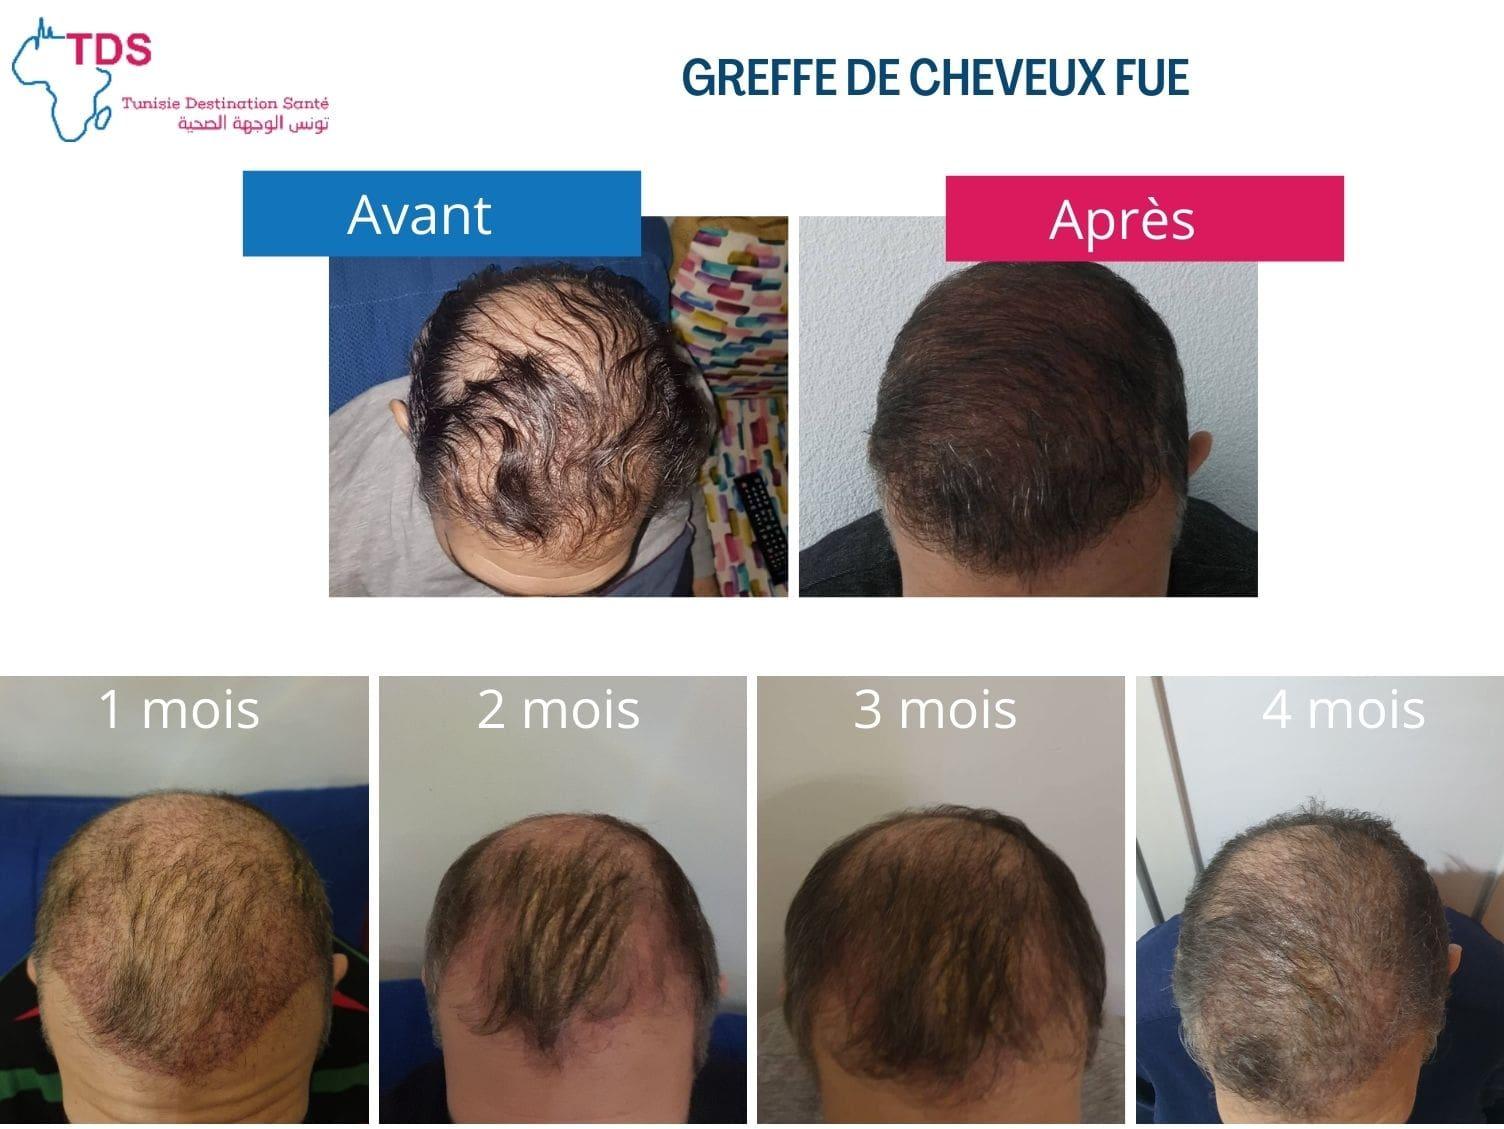 Repousse Des Cheveux Apres Greffe Fue Mois Par Mois Blog Sante